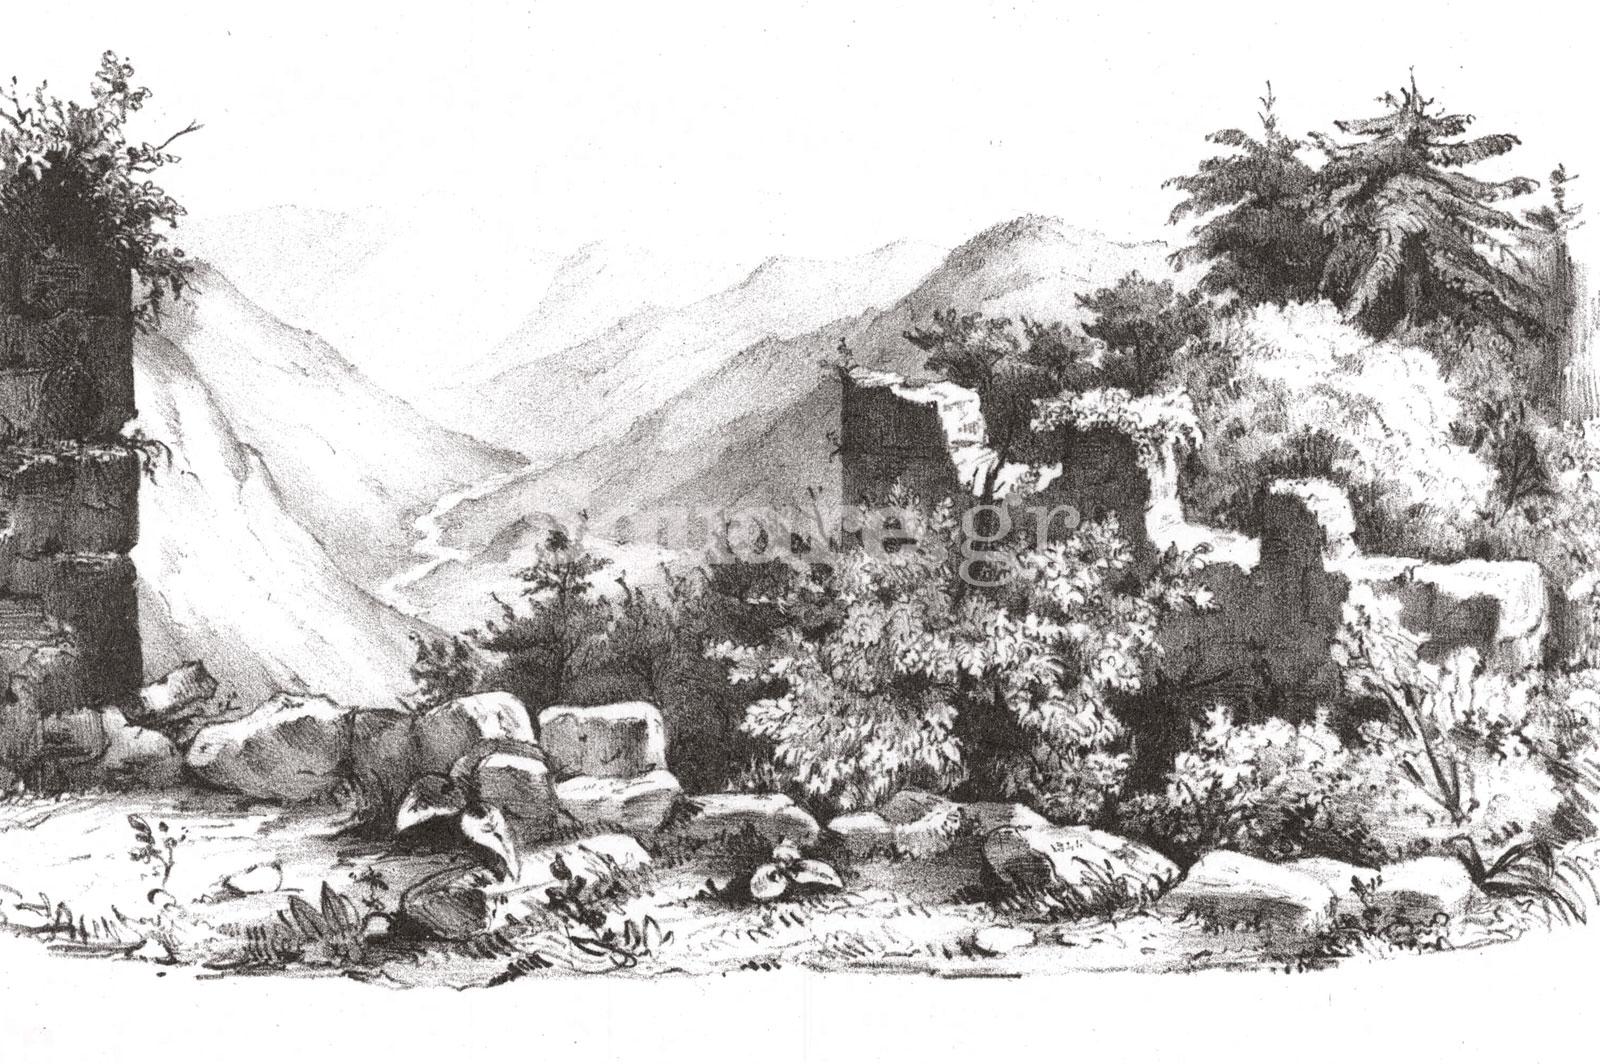 17-Γκραβούρα-των-ερειπίων-του-κάστρου-της-Κλεισούρας-από-τον-Γάλλο-συγγραφέα-Αλεξάντερ-Μπυσόν